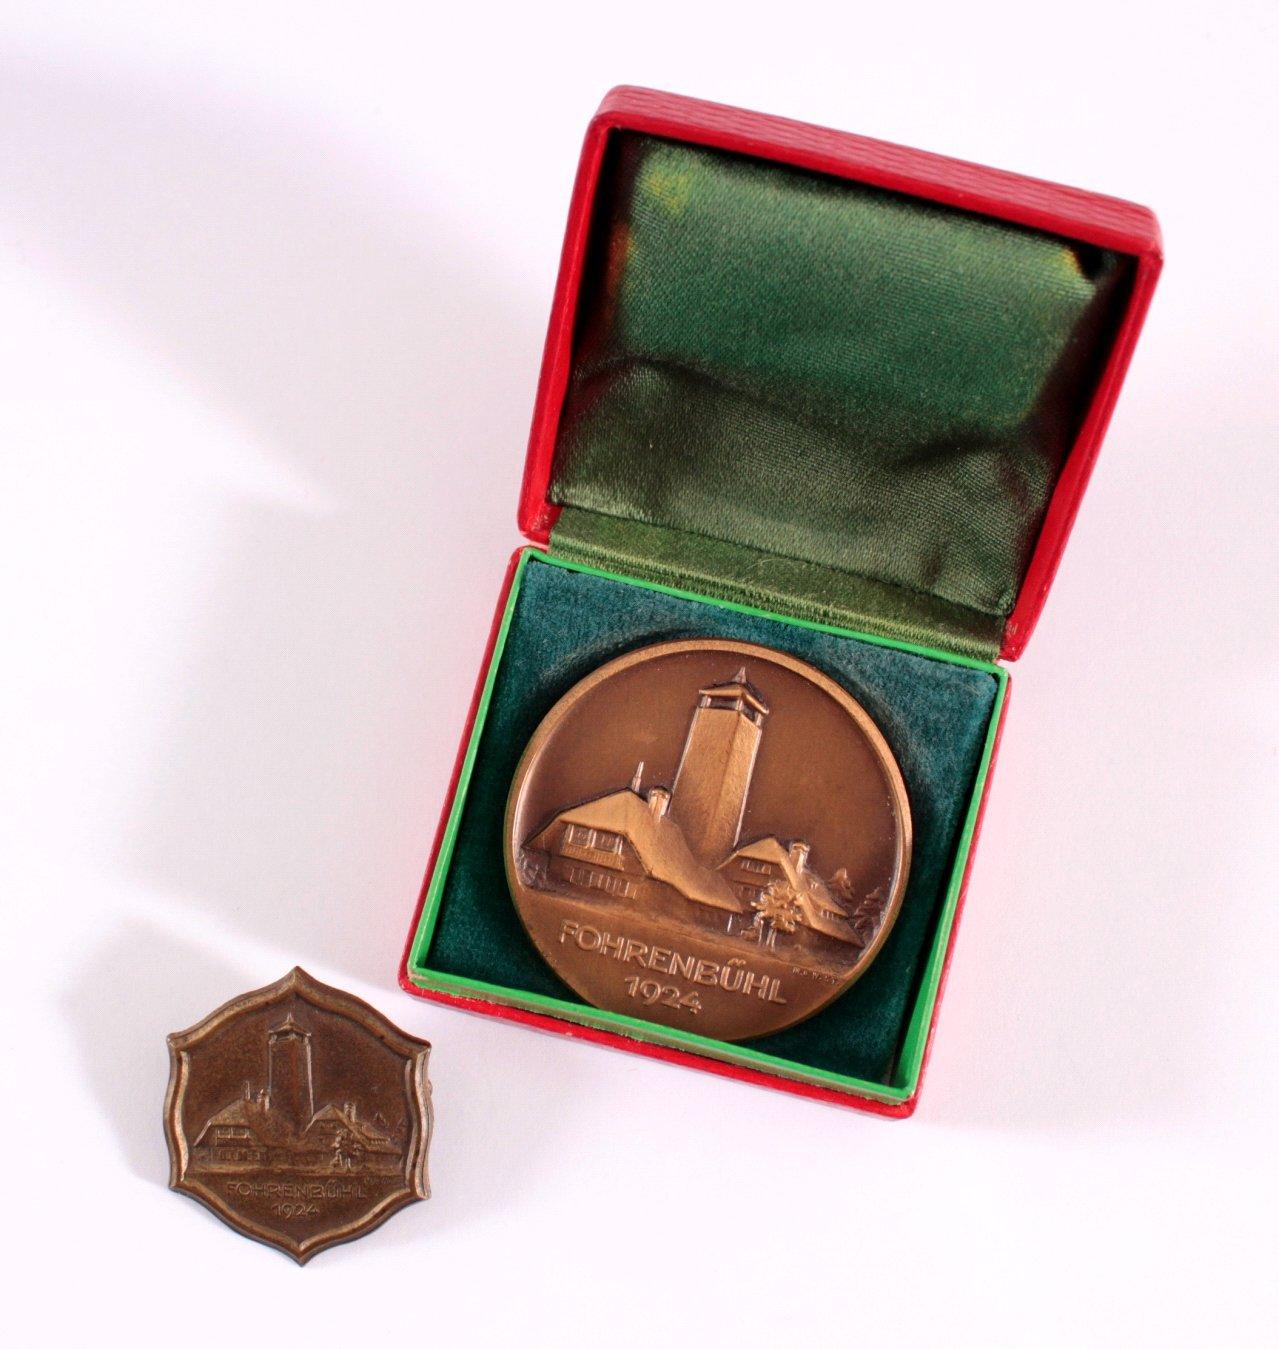 Veranstaltungsabzeichen und Medaille Fohrenbühl